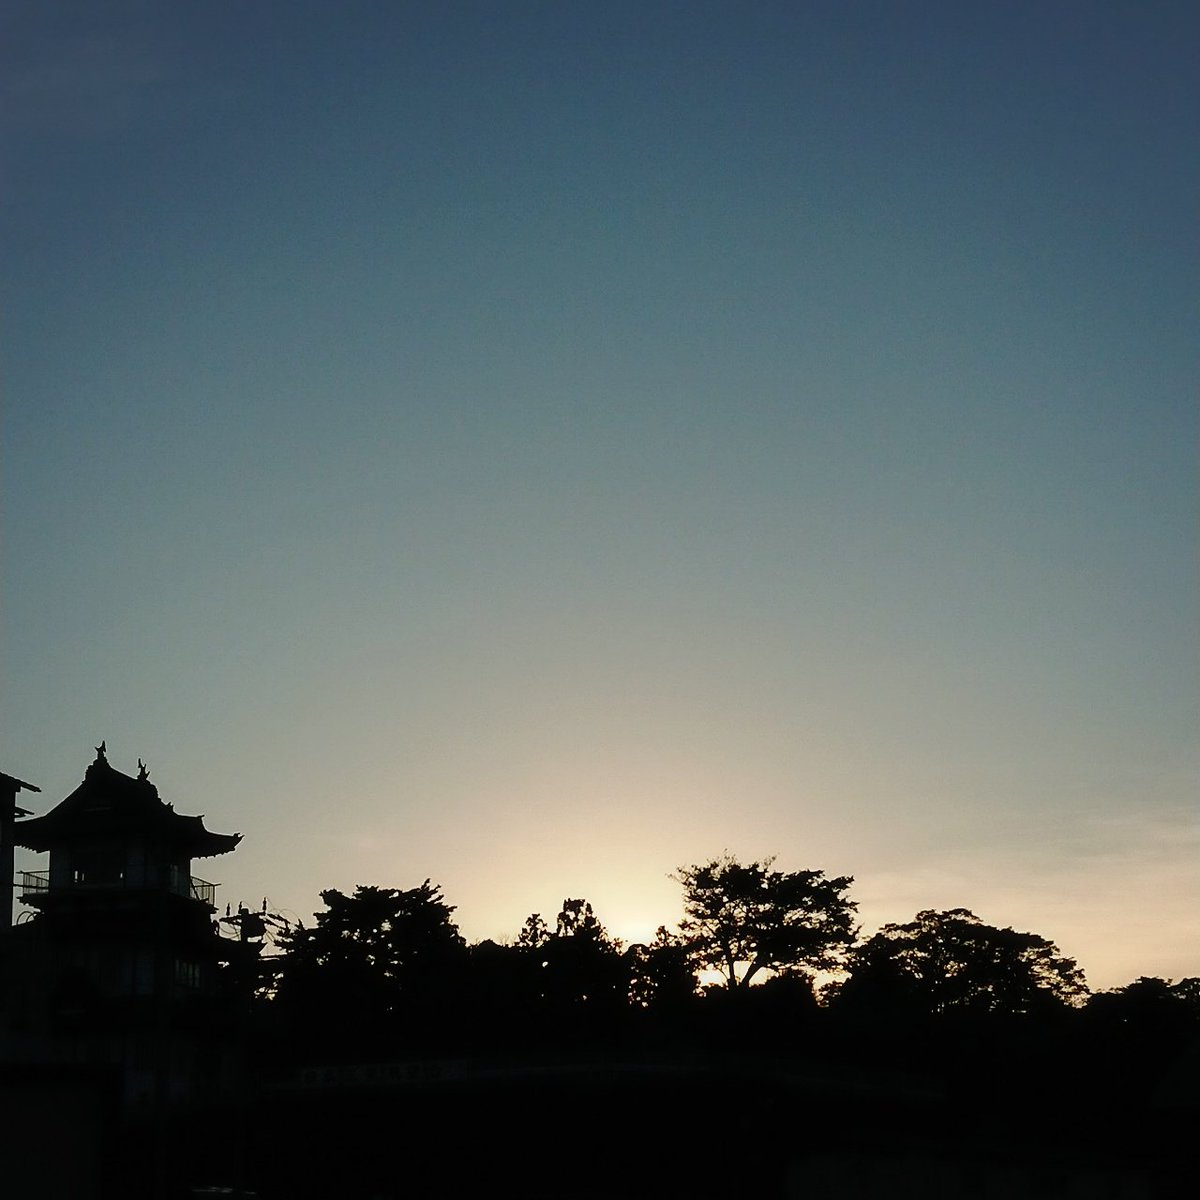 test ツイッターメディア - 1分間に表情変えた17時。松島城と空。今日は松島本店も仙台駅店も大盛況でした。久々の再会、嬉しかった、松島に響くにぎやかな雰囲気。あしたも松島本店、真鶴さん試飲販売会継続(ノ´∀`*) 明日からご紹介するかわらばん隠し酒は必見。 https://t.co/H2VEM3HC9E  #むとう屋 #かわらばん投函は火曜日 https://t.co/pyVGQjrL2D